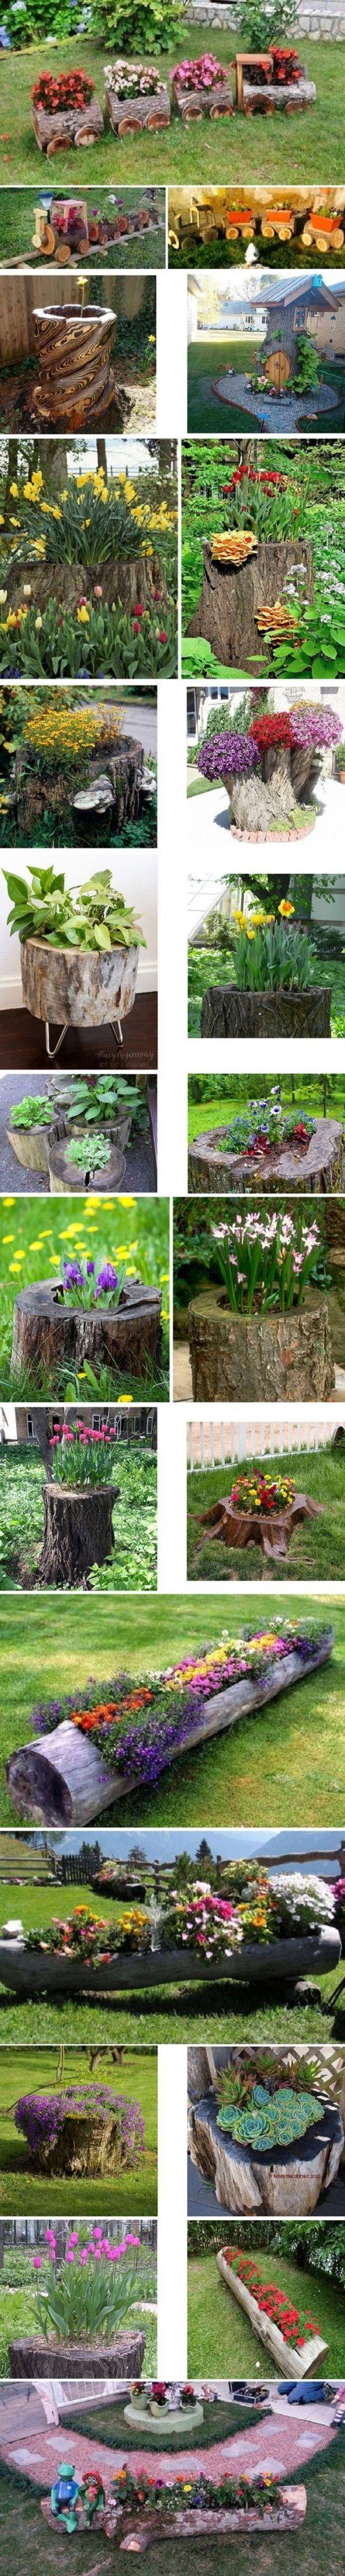 60d3c64b805348fb33e209f28b96d9a4 Impressionnant De Table De Jardin Tressé Concept